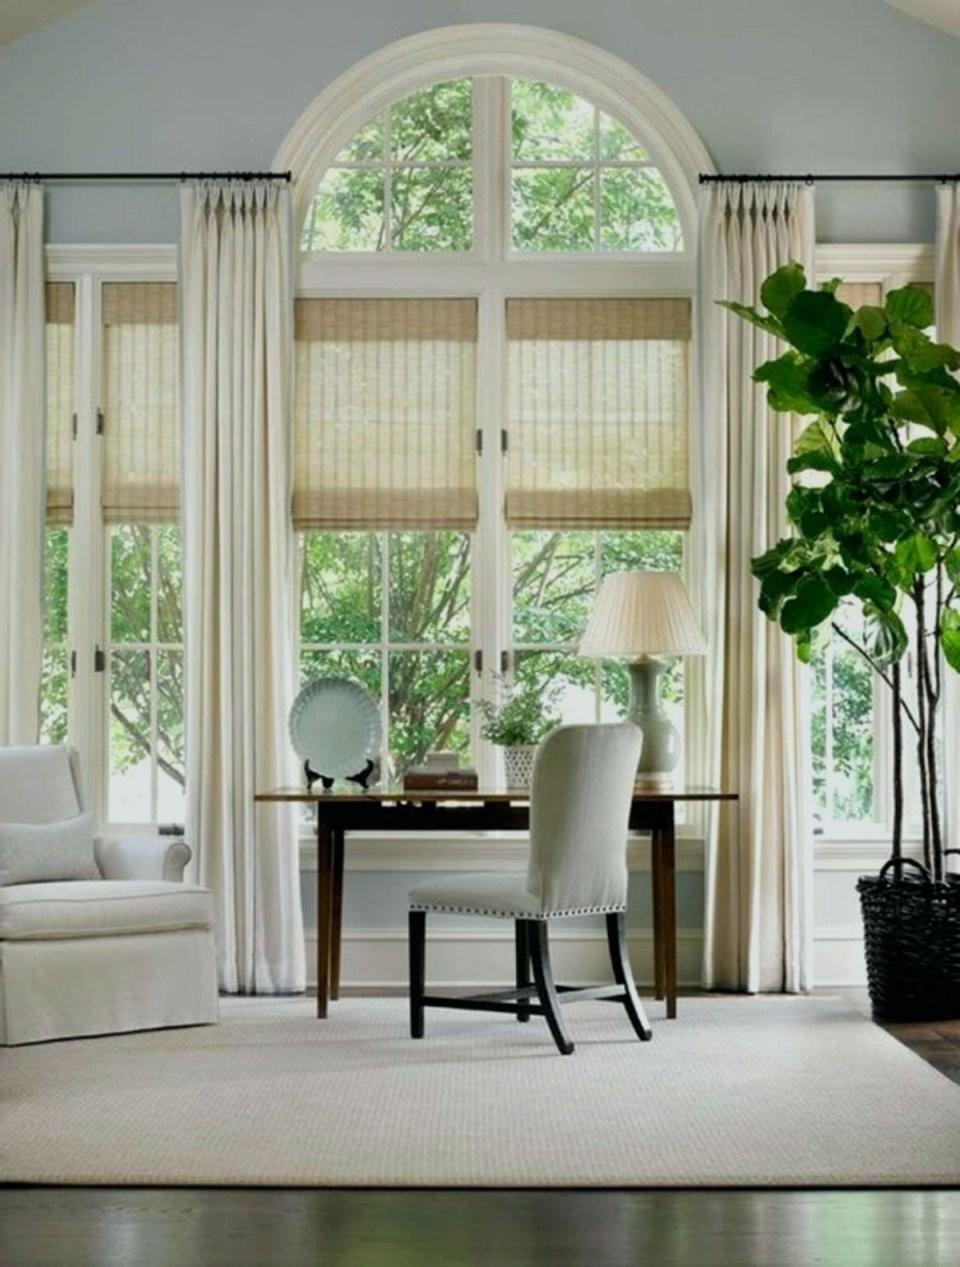 Gardinen Für Kleine Fenster Elegant Und Fabelhaft Gardinen Ideen Für von Vorhang Ideen Für Kleine Fenster Photo